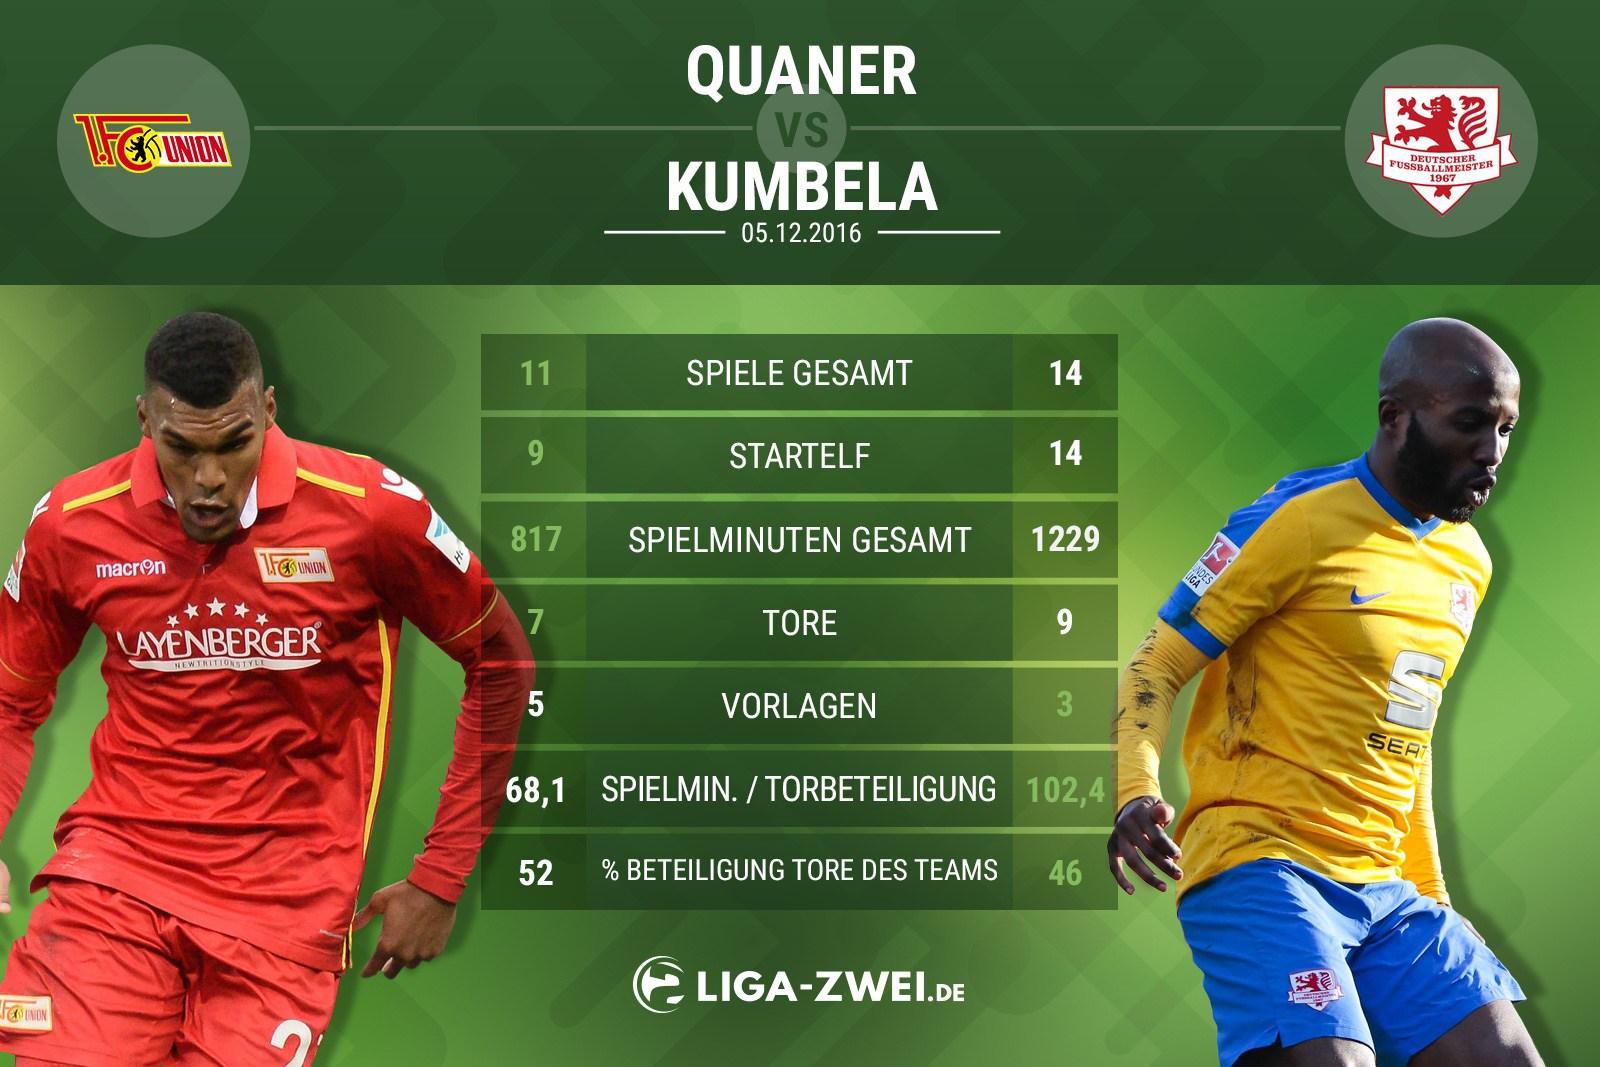 Spielervergleich zwischen Quaner und Kumbela